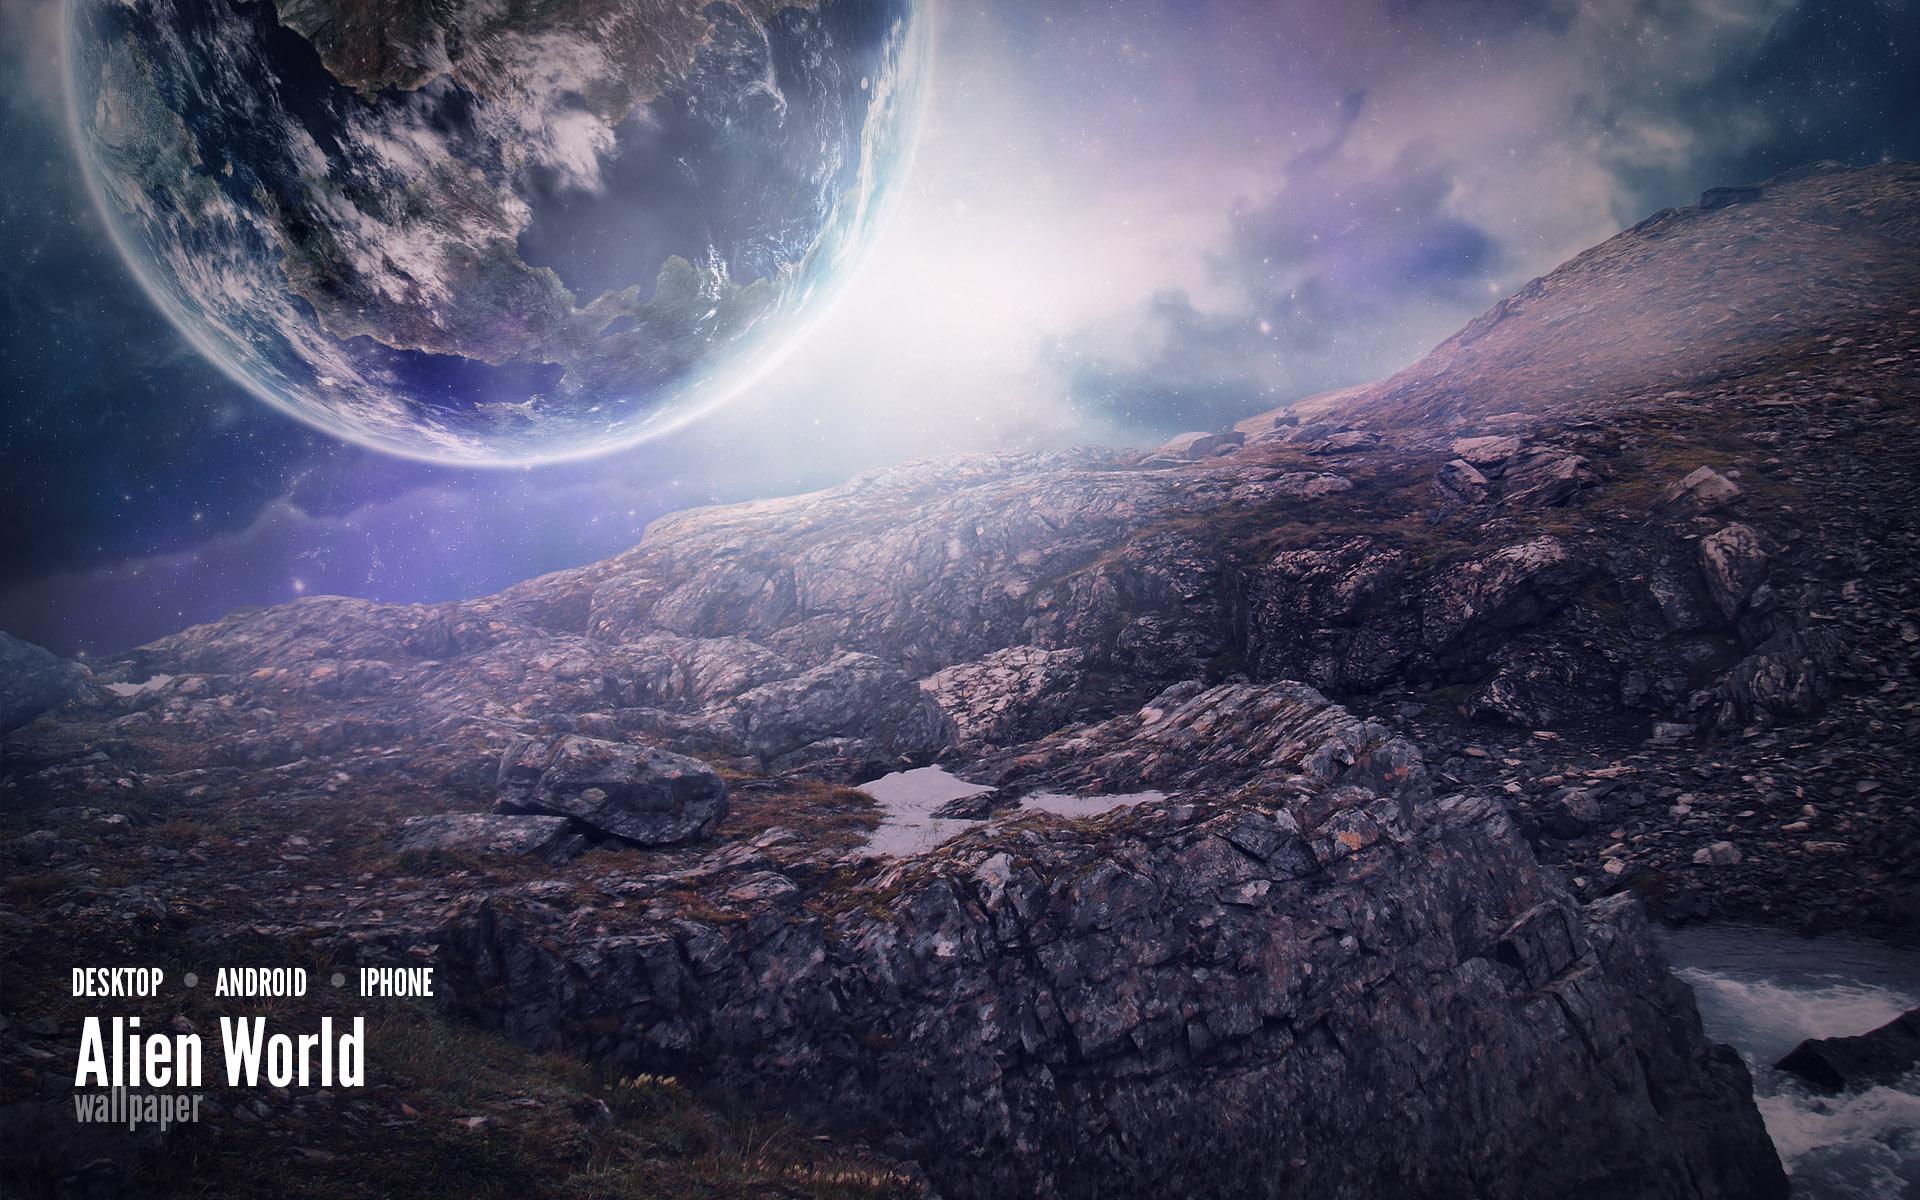 Alien World Wallpaper by Martz90